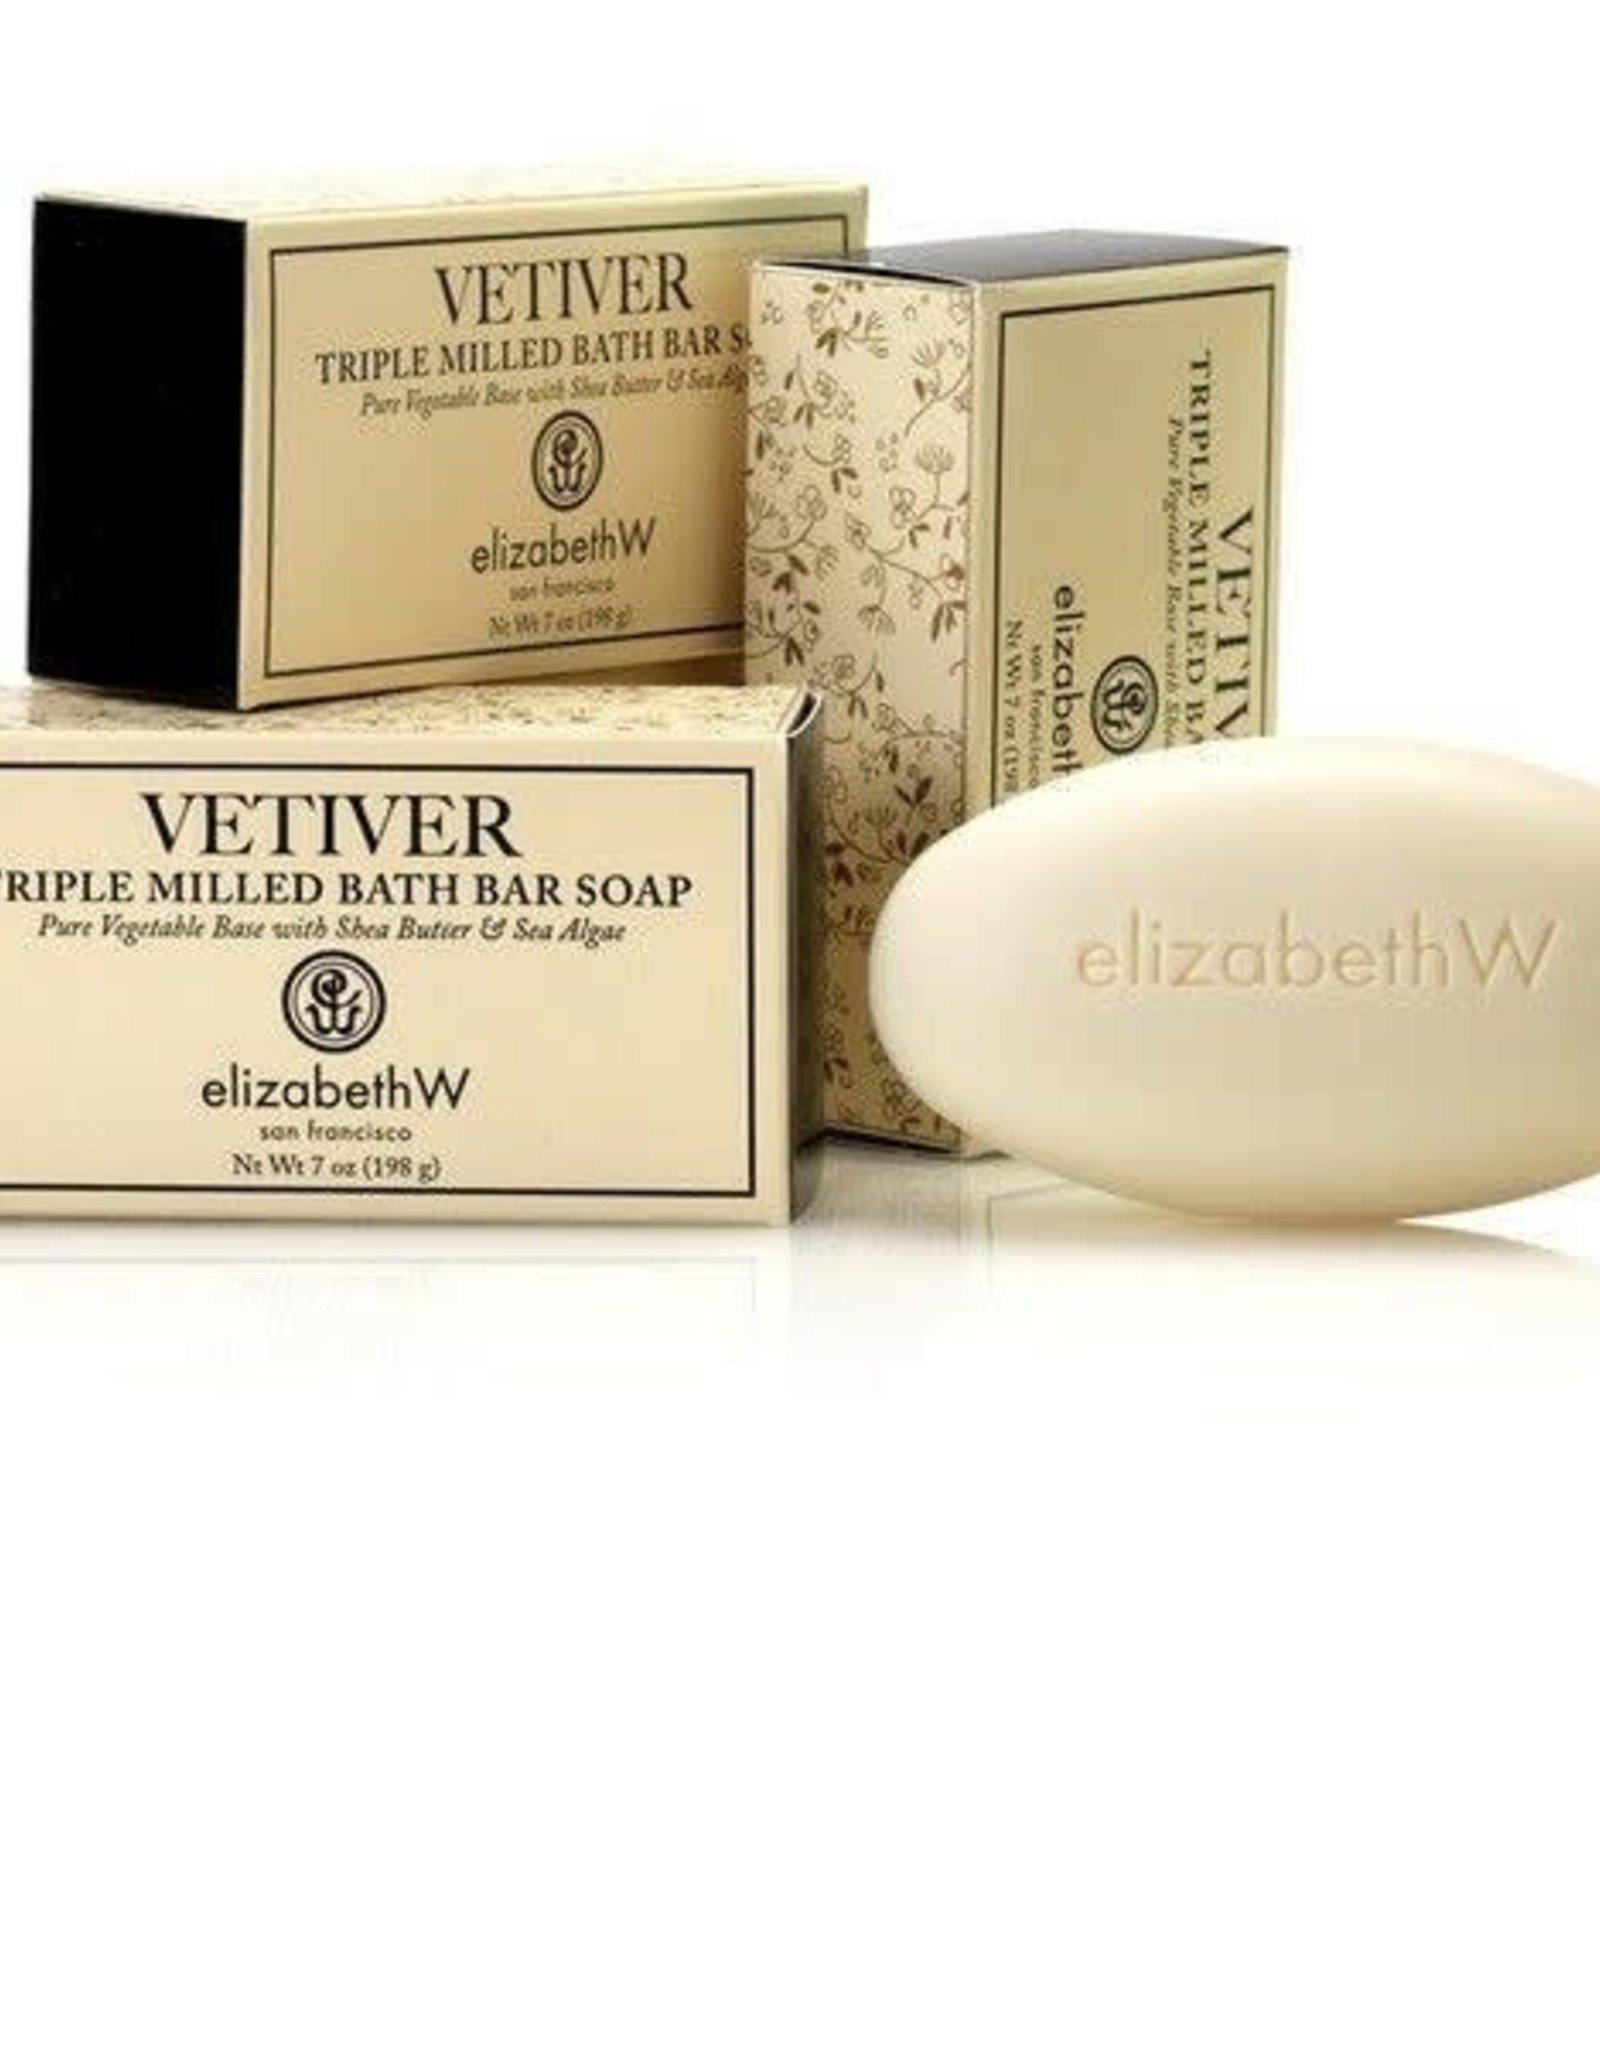 Elizabeth W. Vetiver Soap/Bath Bar 7 oz